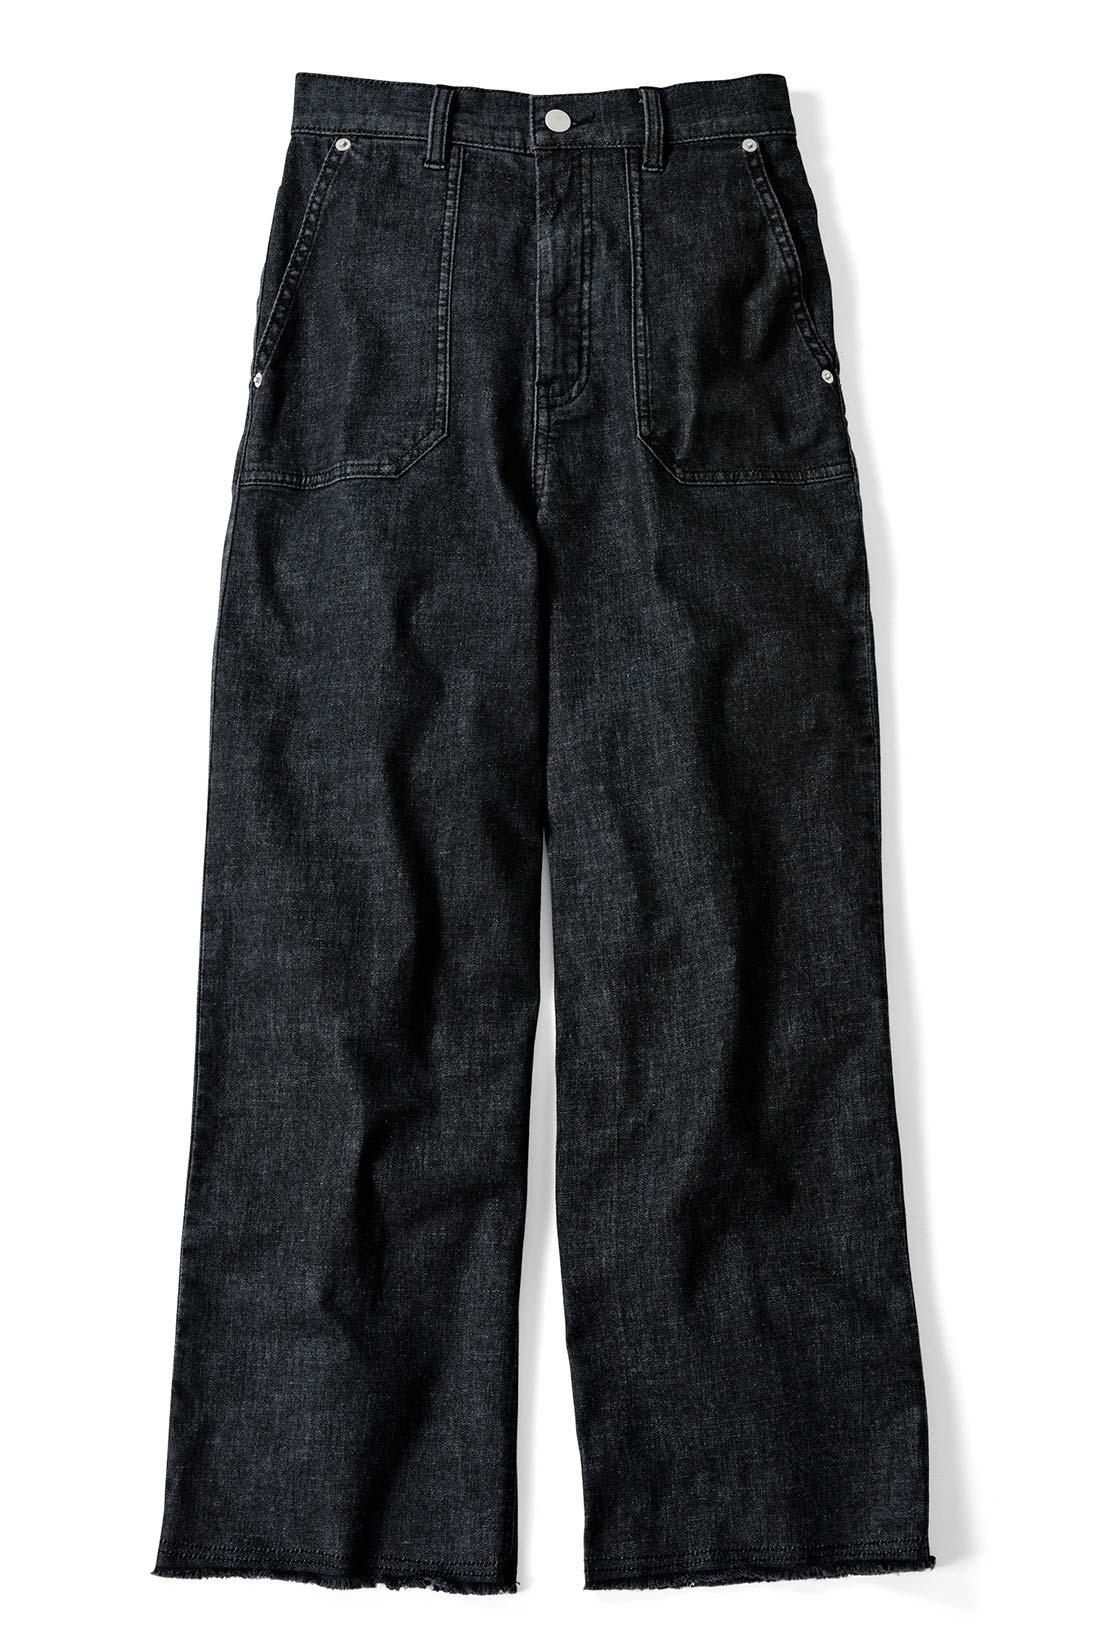 洗いをかけてこなれ感を出した〈ブラック〉 ベイカーポケットがトレンド感あるアクセント。ウエストインしたスタイルが新鮮に。